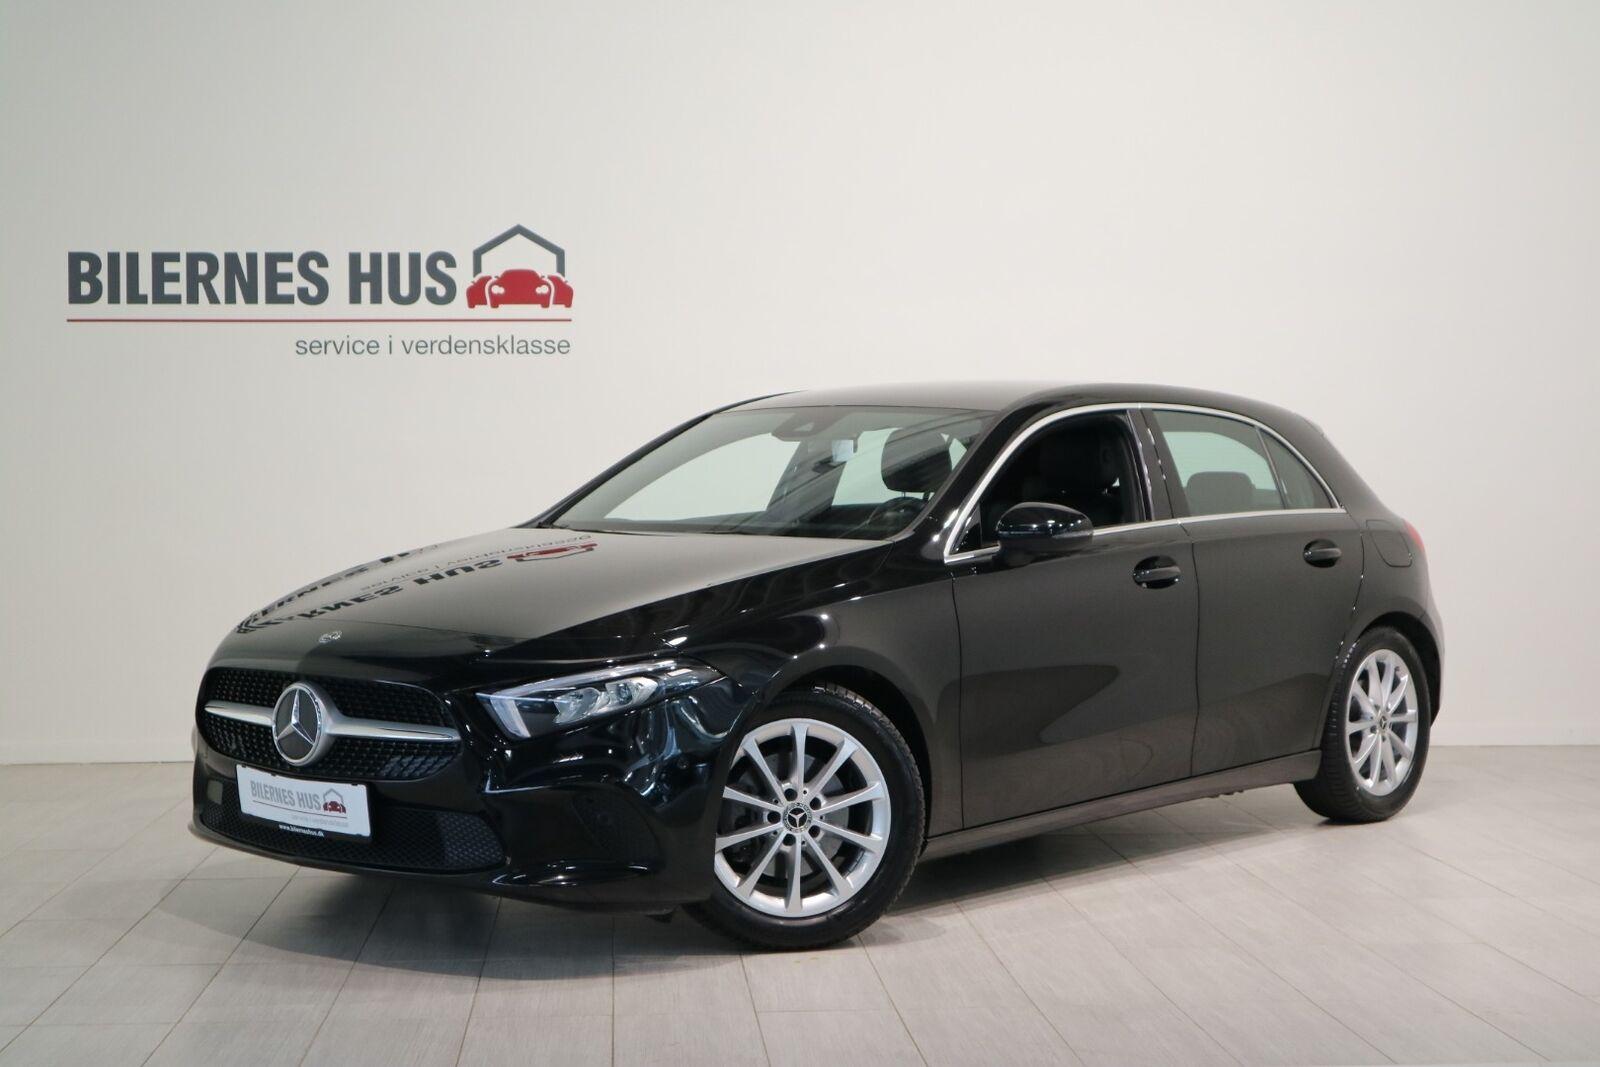 Mercedes A200 1,3 Progressive Line aut. 5d - 303.880 kr.